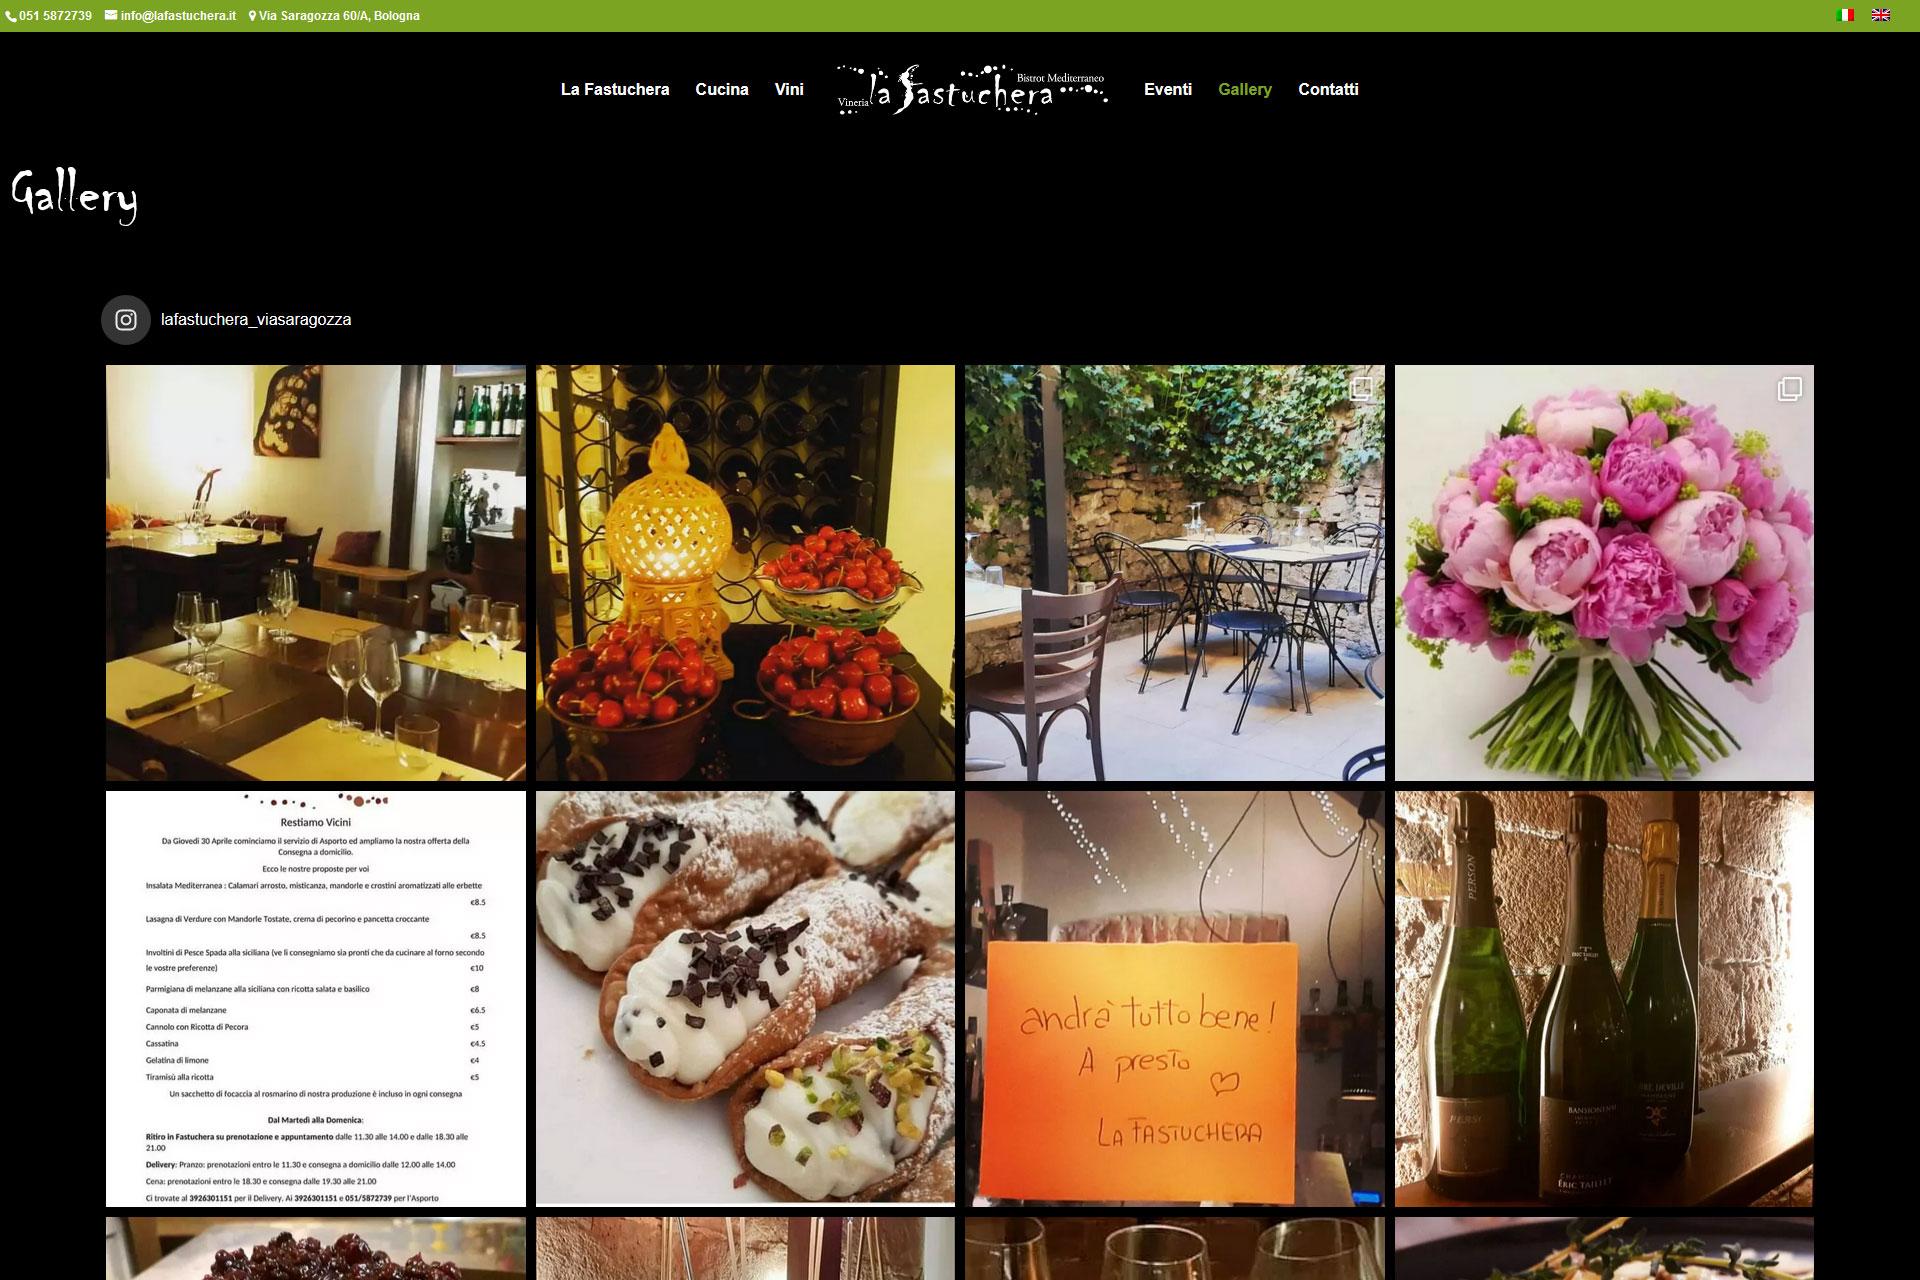 lv-design-realizzazione-siti-web-bologna-portfolio-la-fastuchera-slide-3